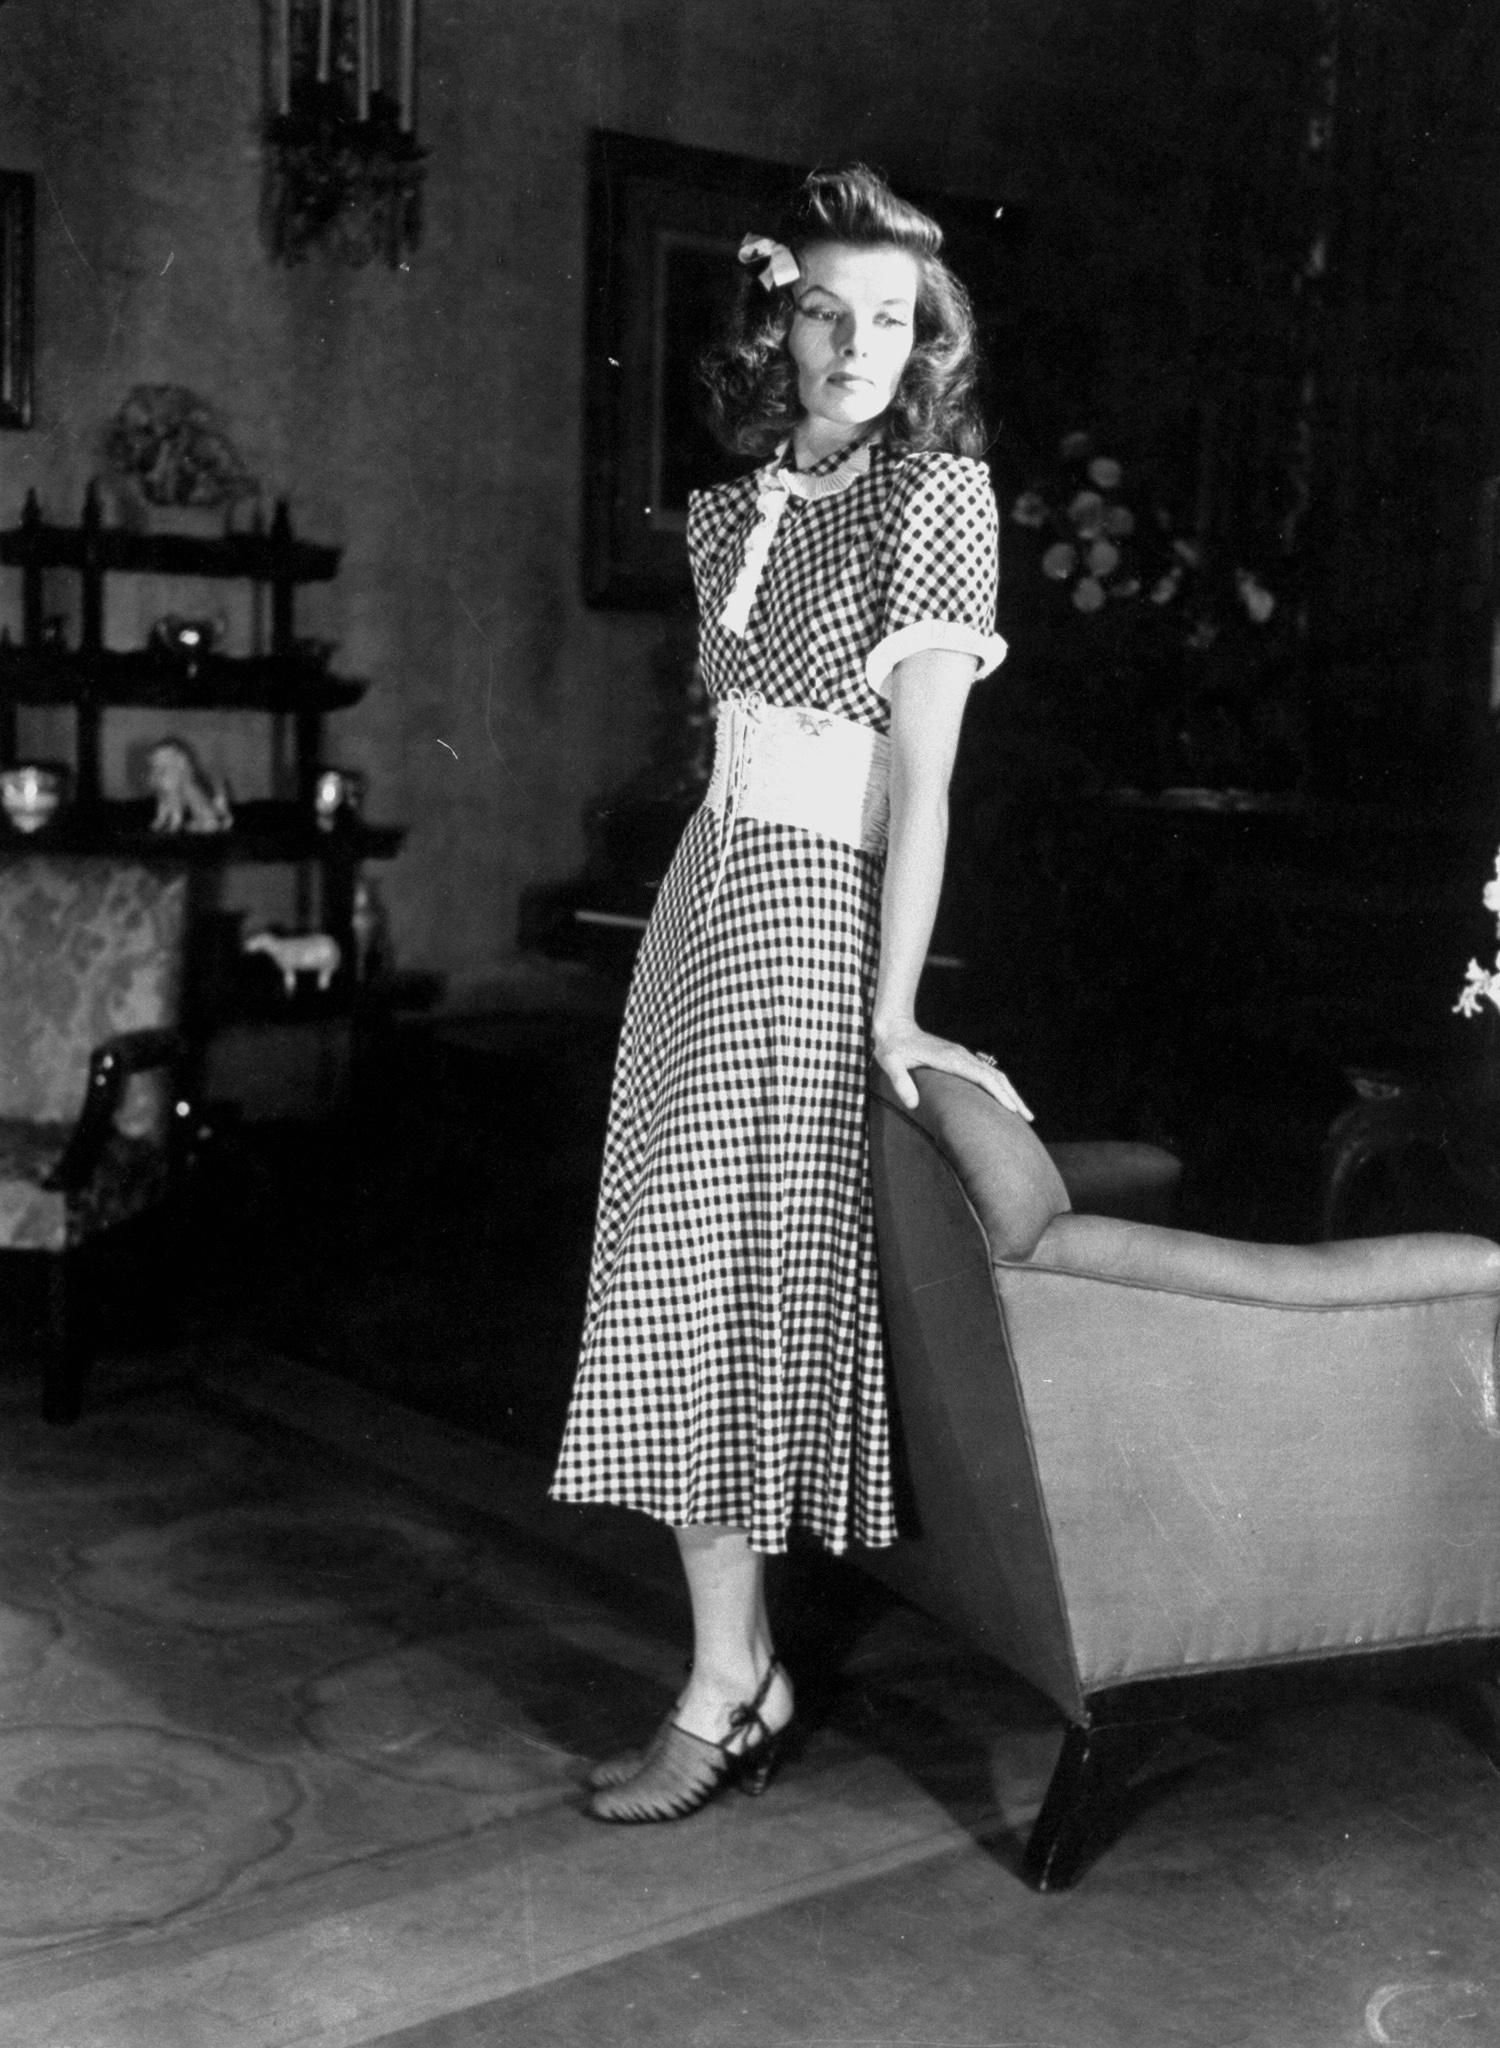 Photo by A. Eisenstaedt, 1939